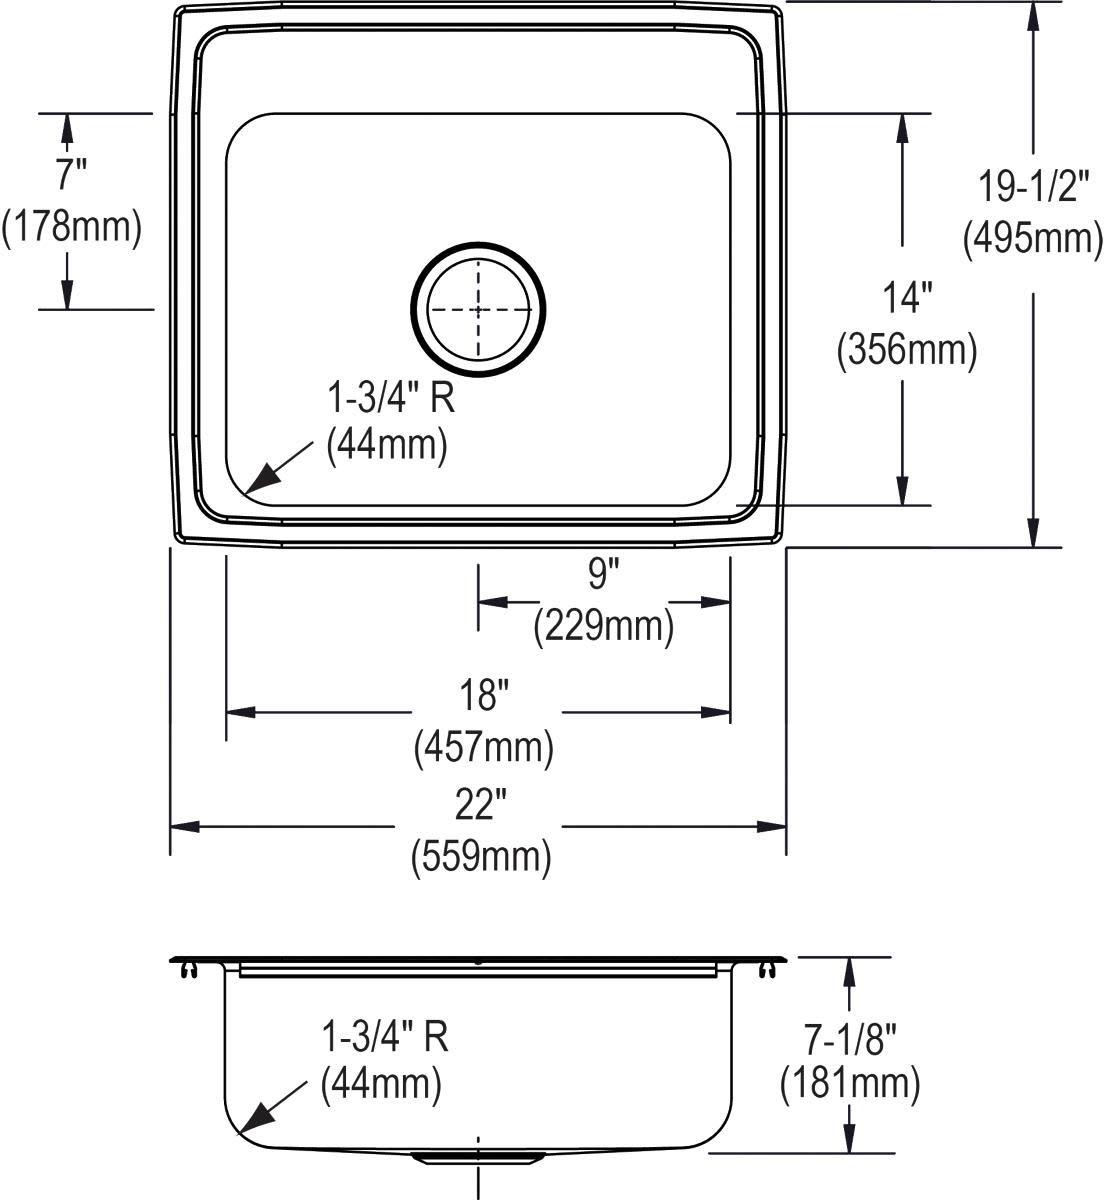 Elkay PSR22190 Sink Stainless steel